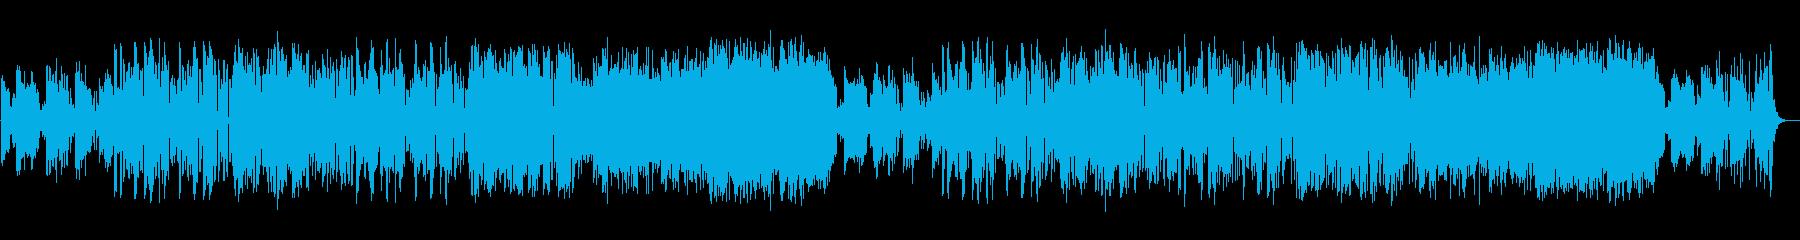 ファンキーなフュージョンの再生済みの波形